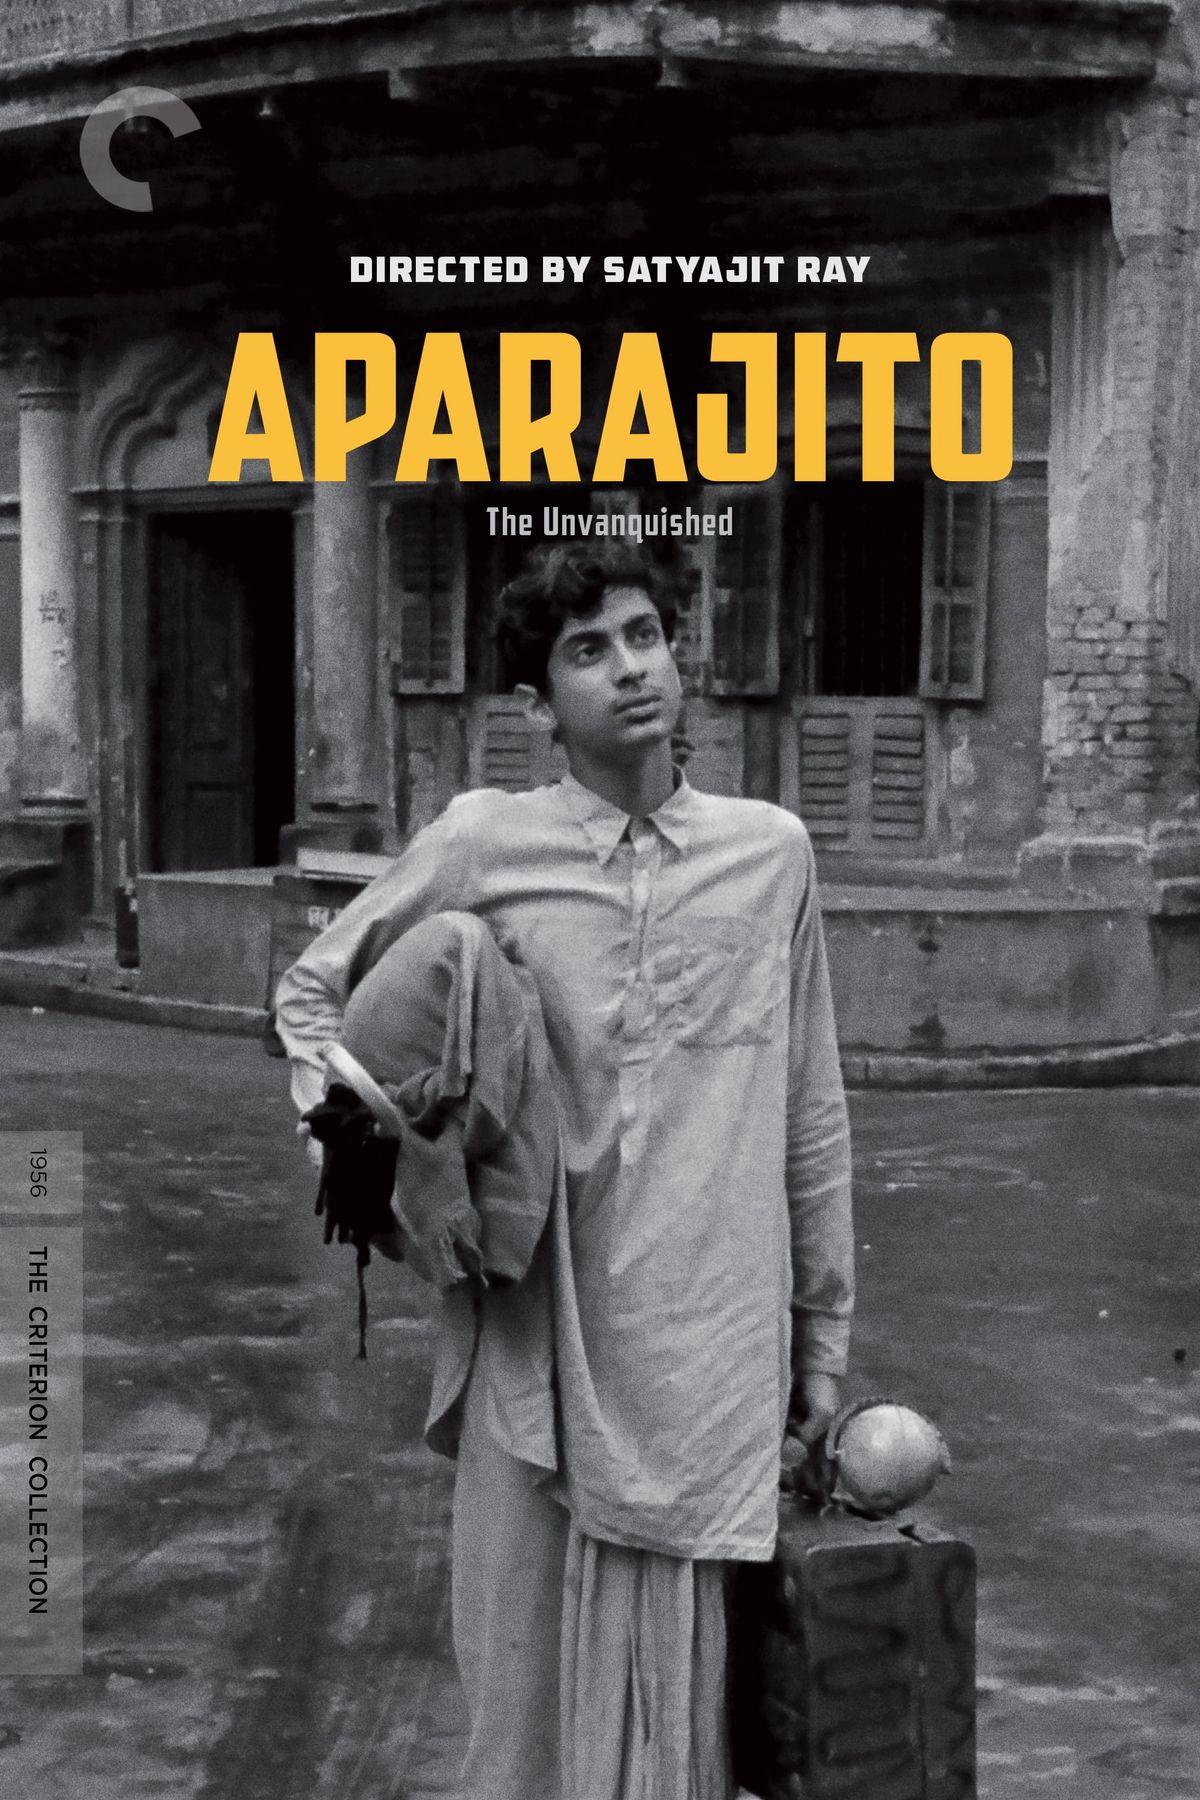 Aparajito (অপরাজিত)